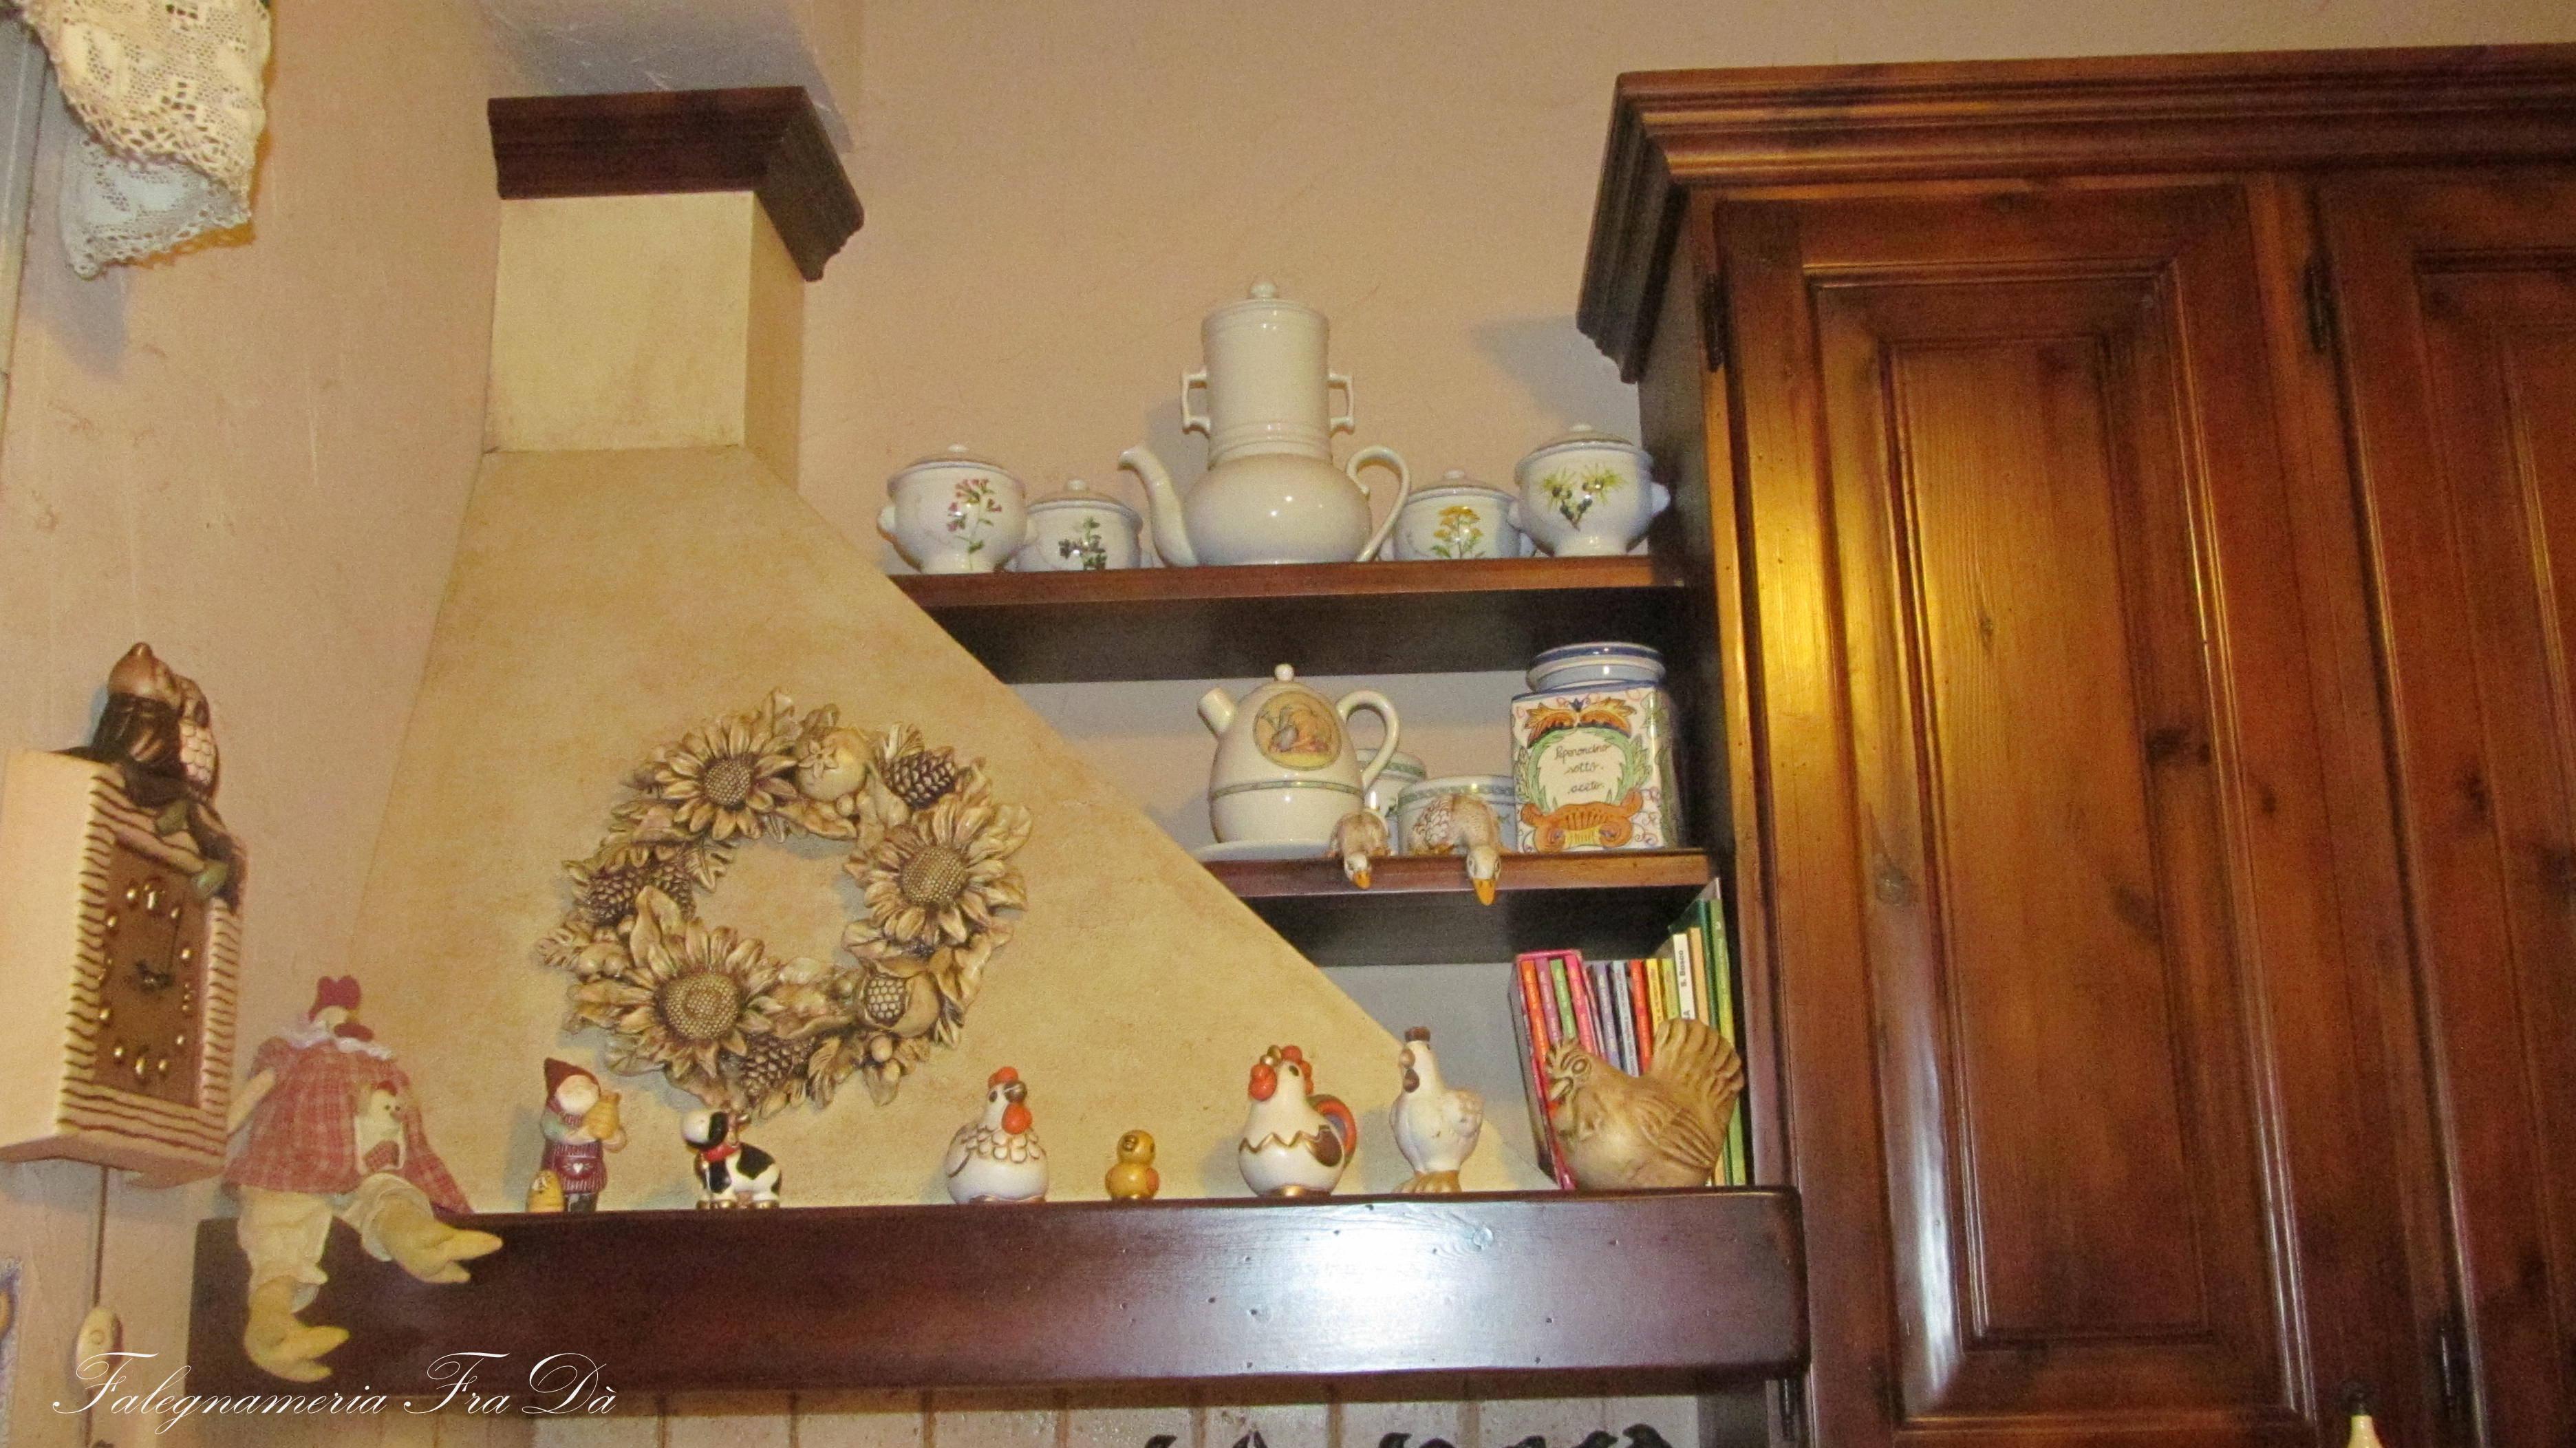 Cucina in muratura artigianale legno massello particolare cappa falegnameria frad falegname - Cappa per cucina a legna ...